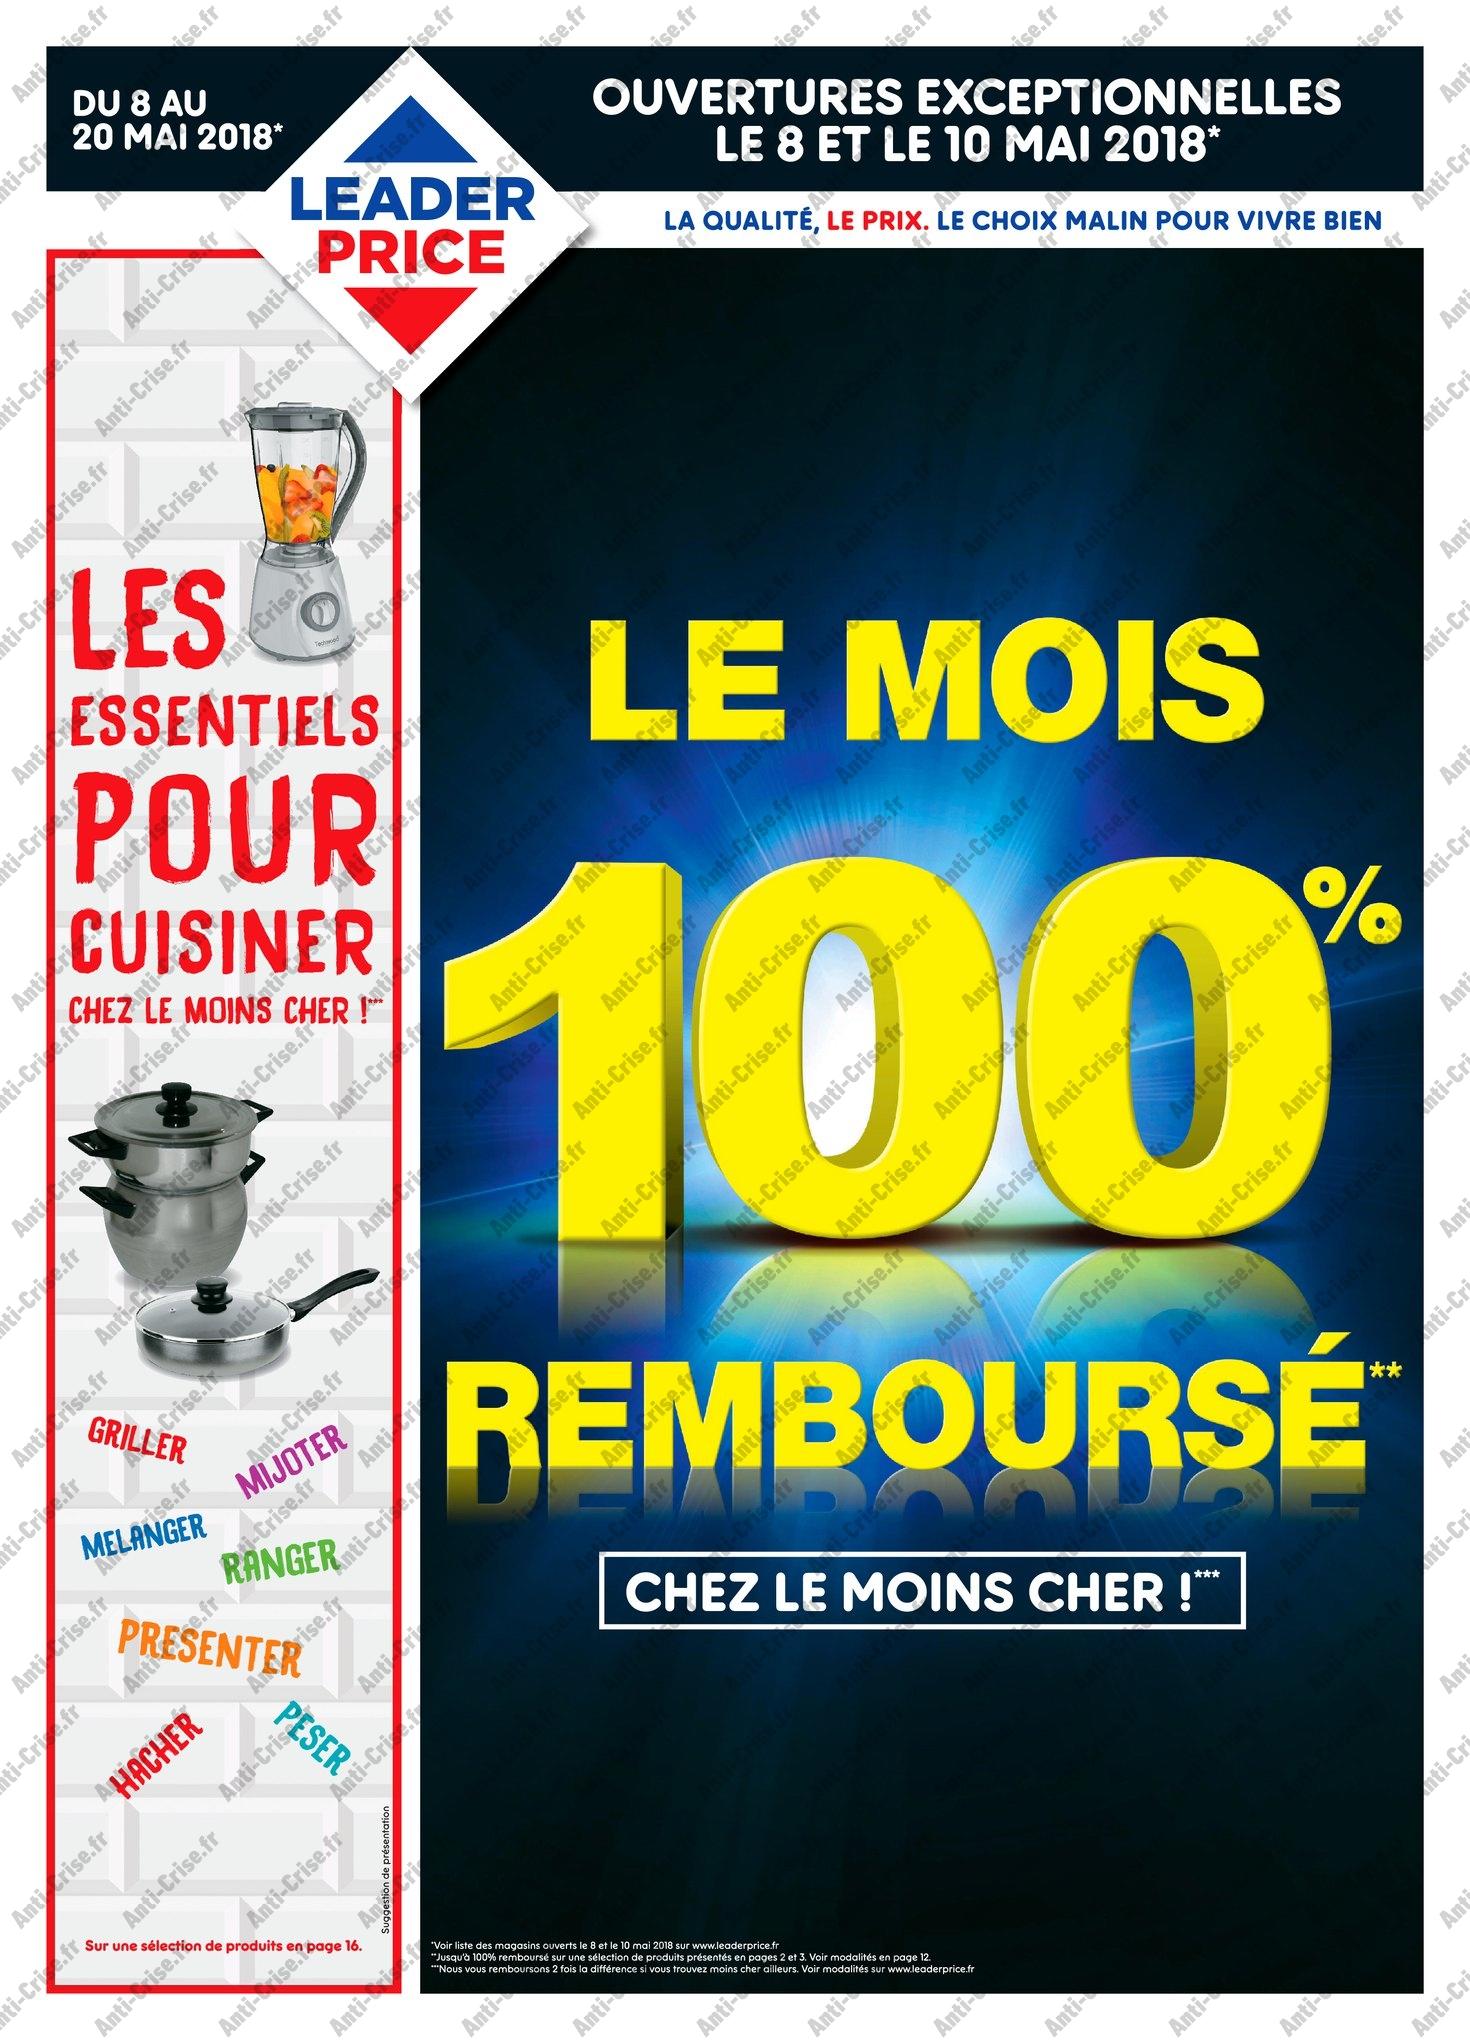 Catalogue Leader Price du 8 au 20 mai 2018 (Le Mois 100% Remboursé Vague 1) (1)